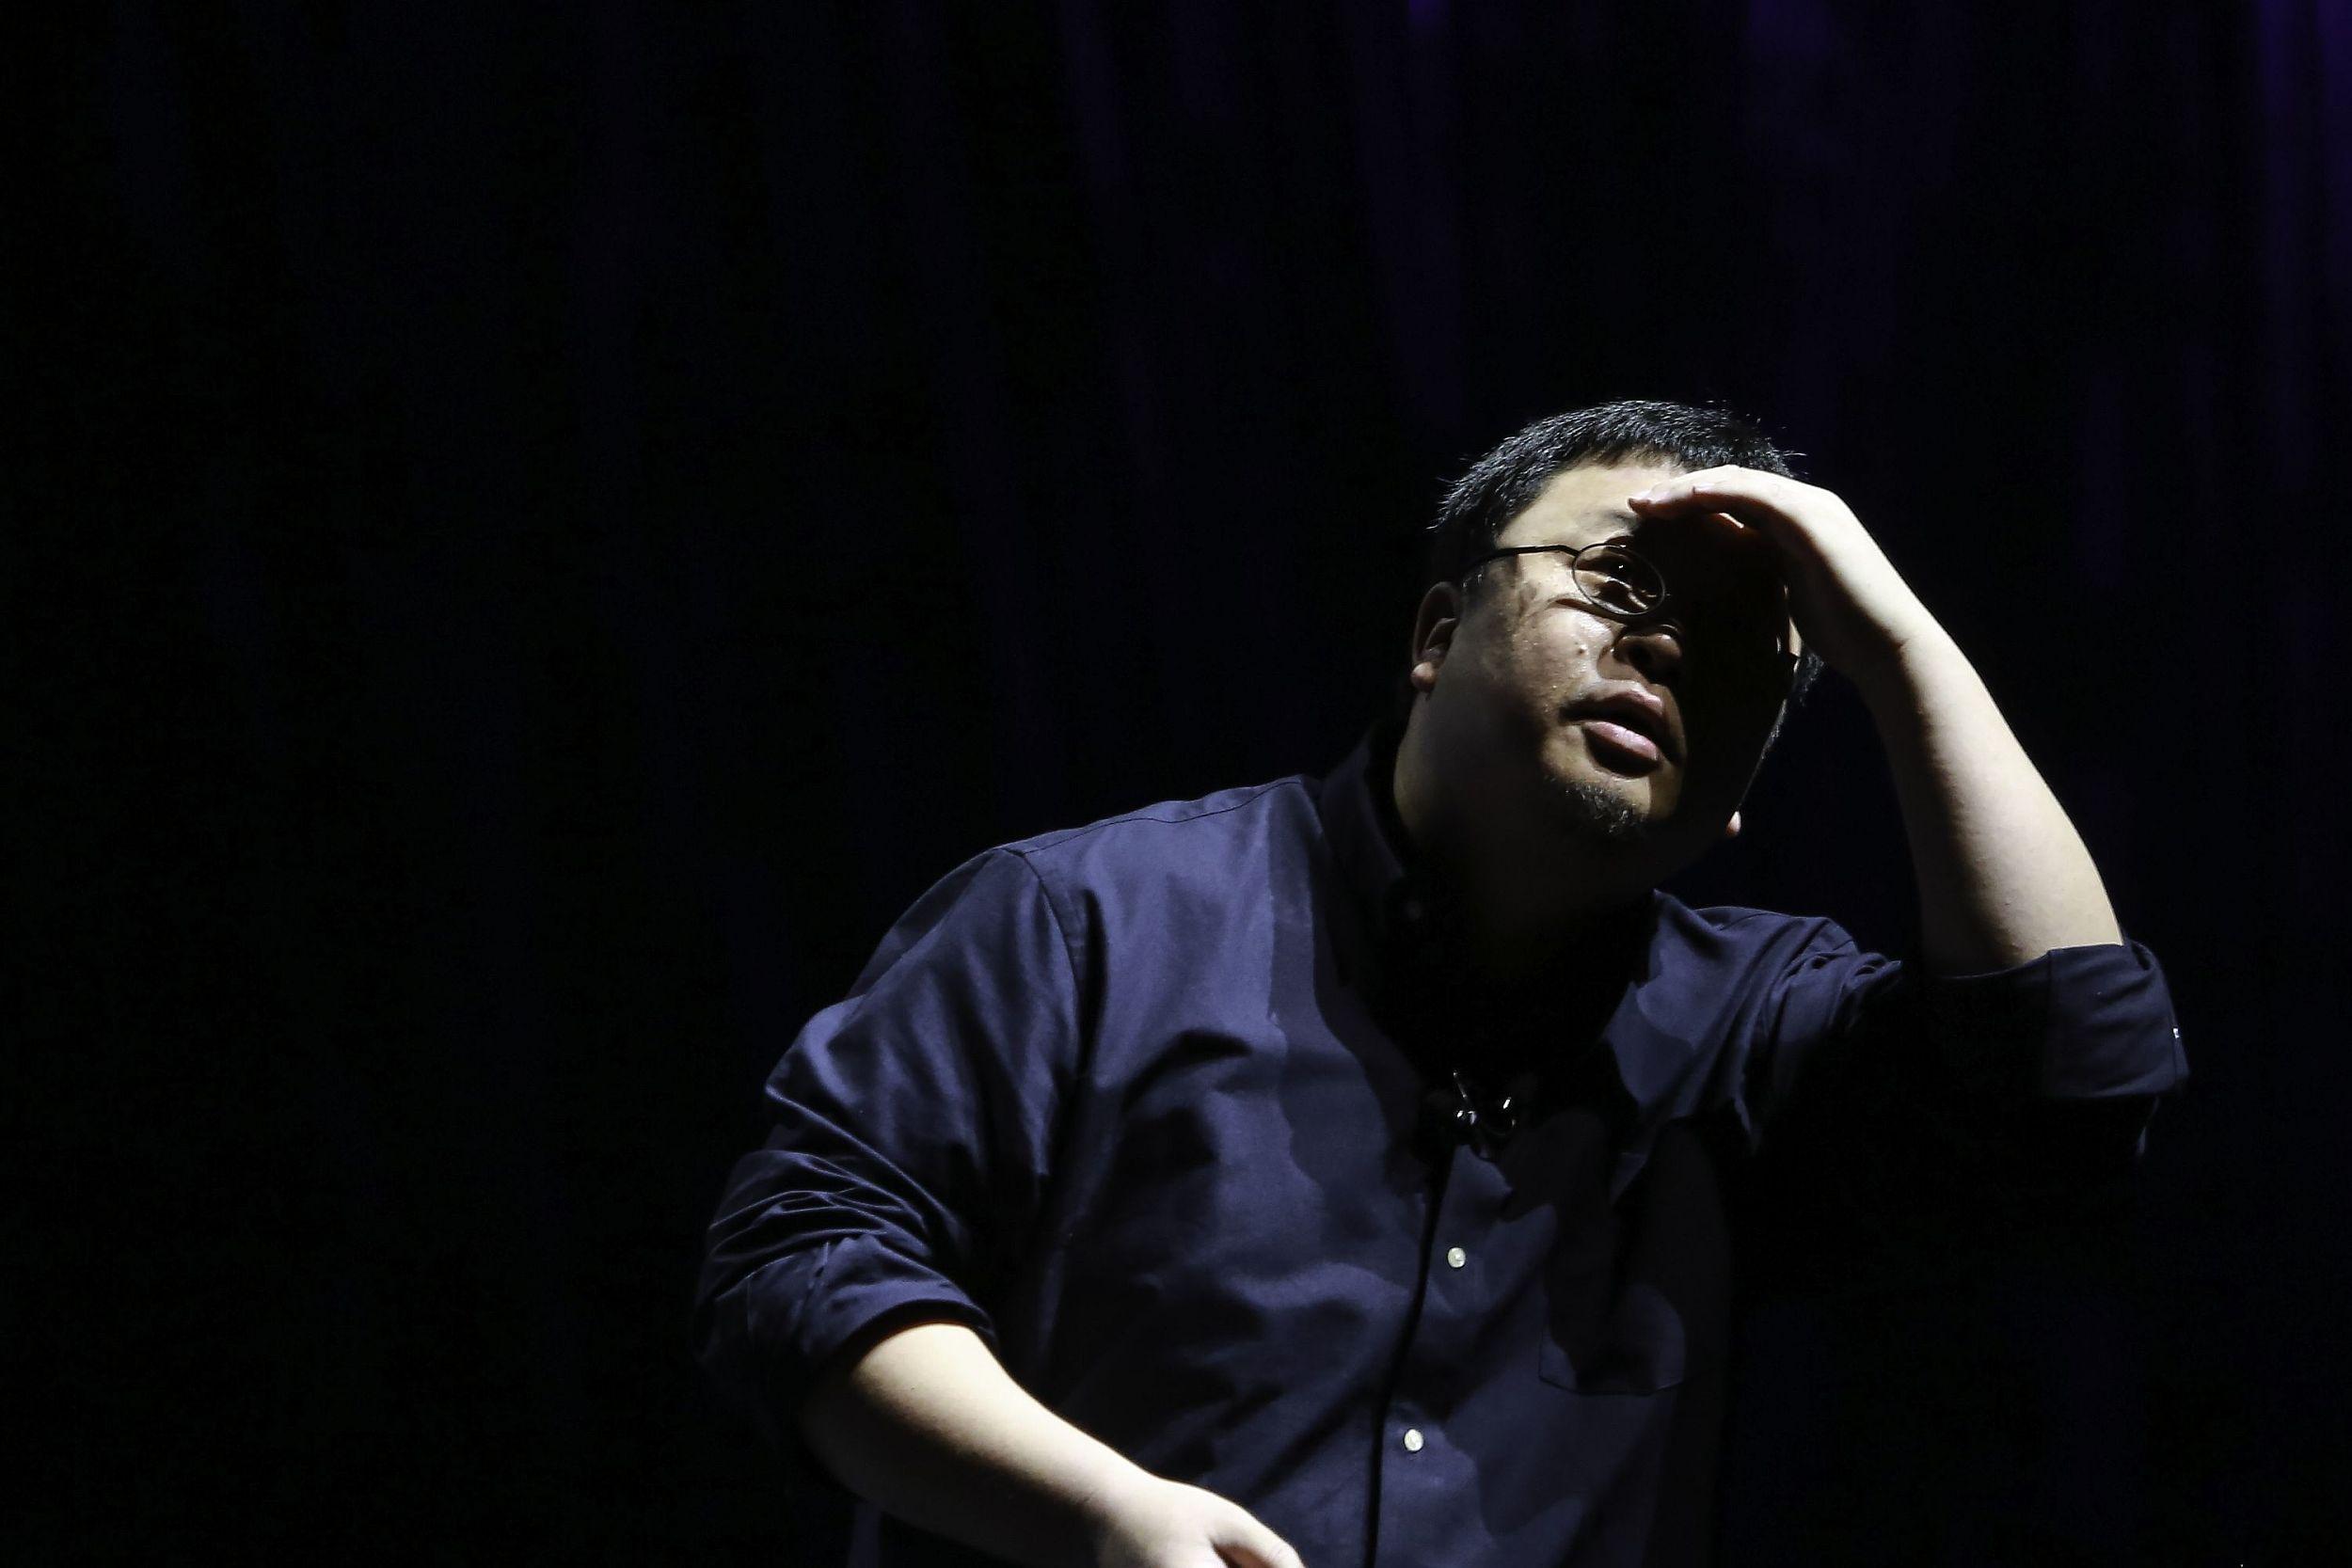 【独家】会计师事务所已入场对星空野望展开审计,罗永浩能否顺利曲线上市?